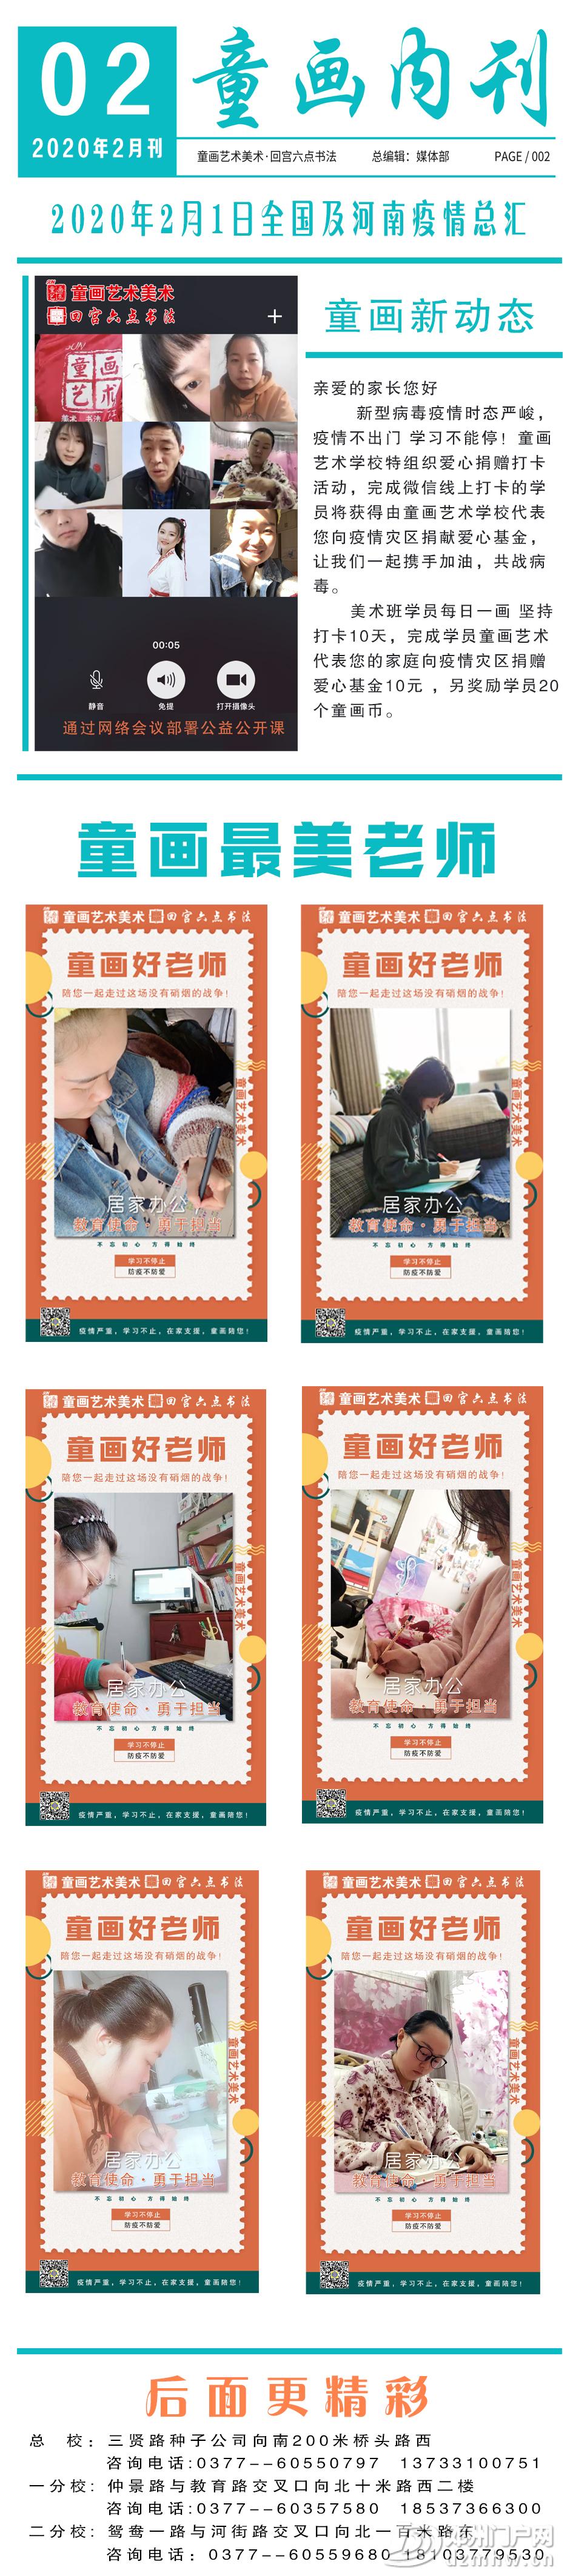 童画线上公益活动课 - 邓州门户网|邓州网 - 02长图2.jpg